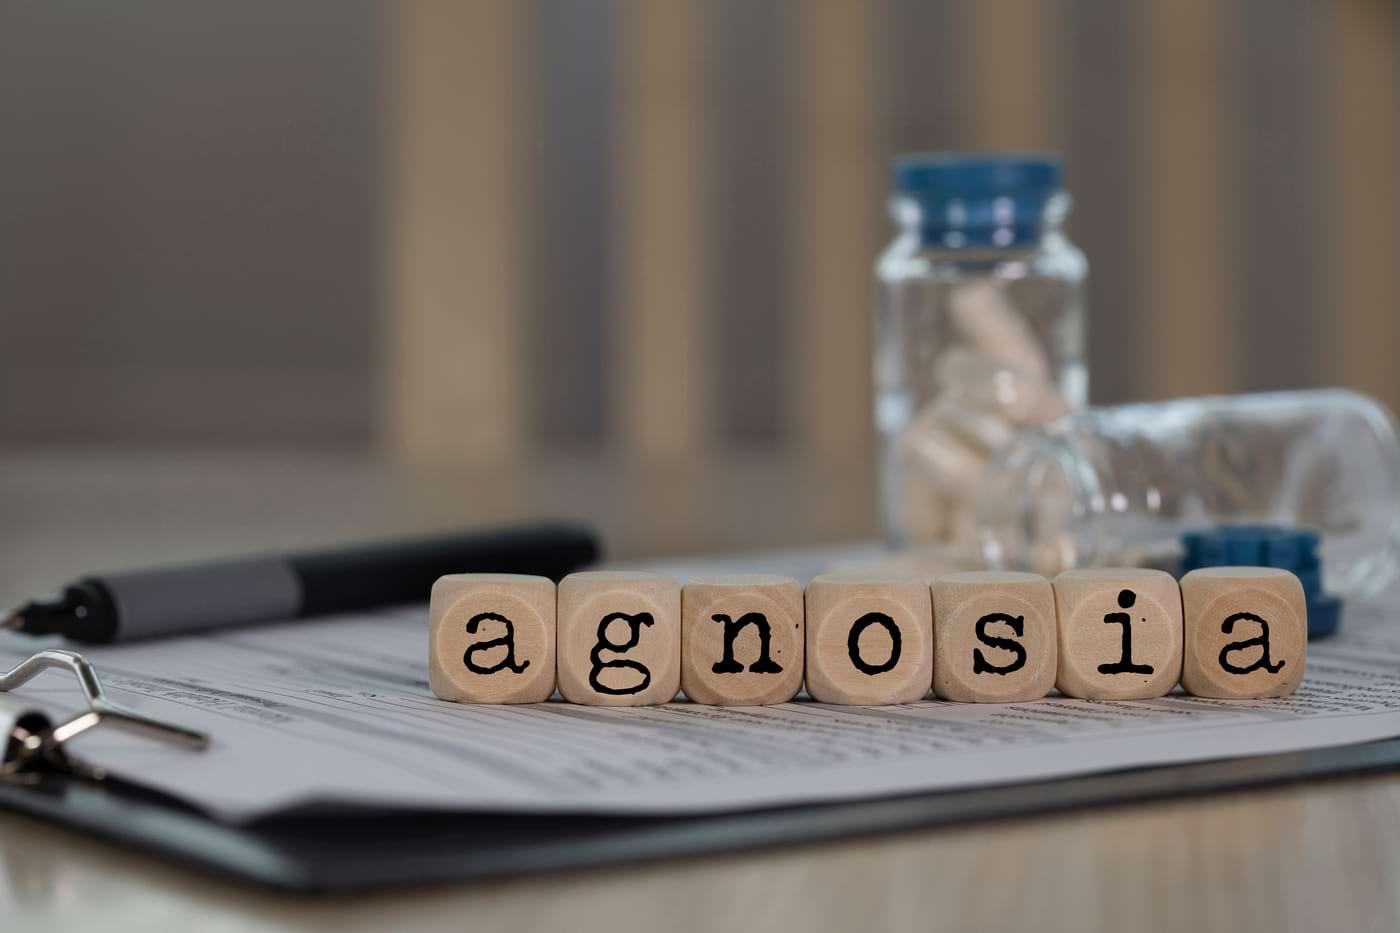 Ce este agnozia (semn al unui AVC): cauze, simptome, diagnostic, tratament